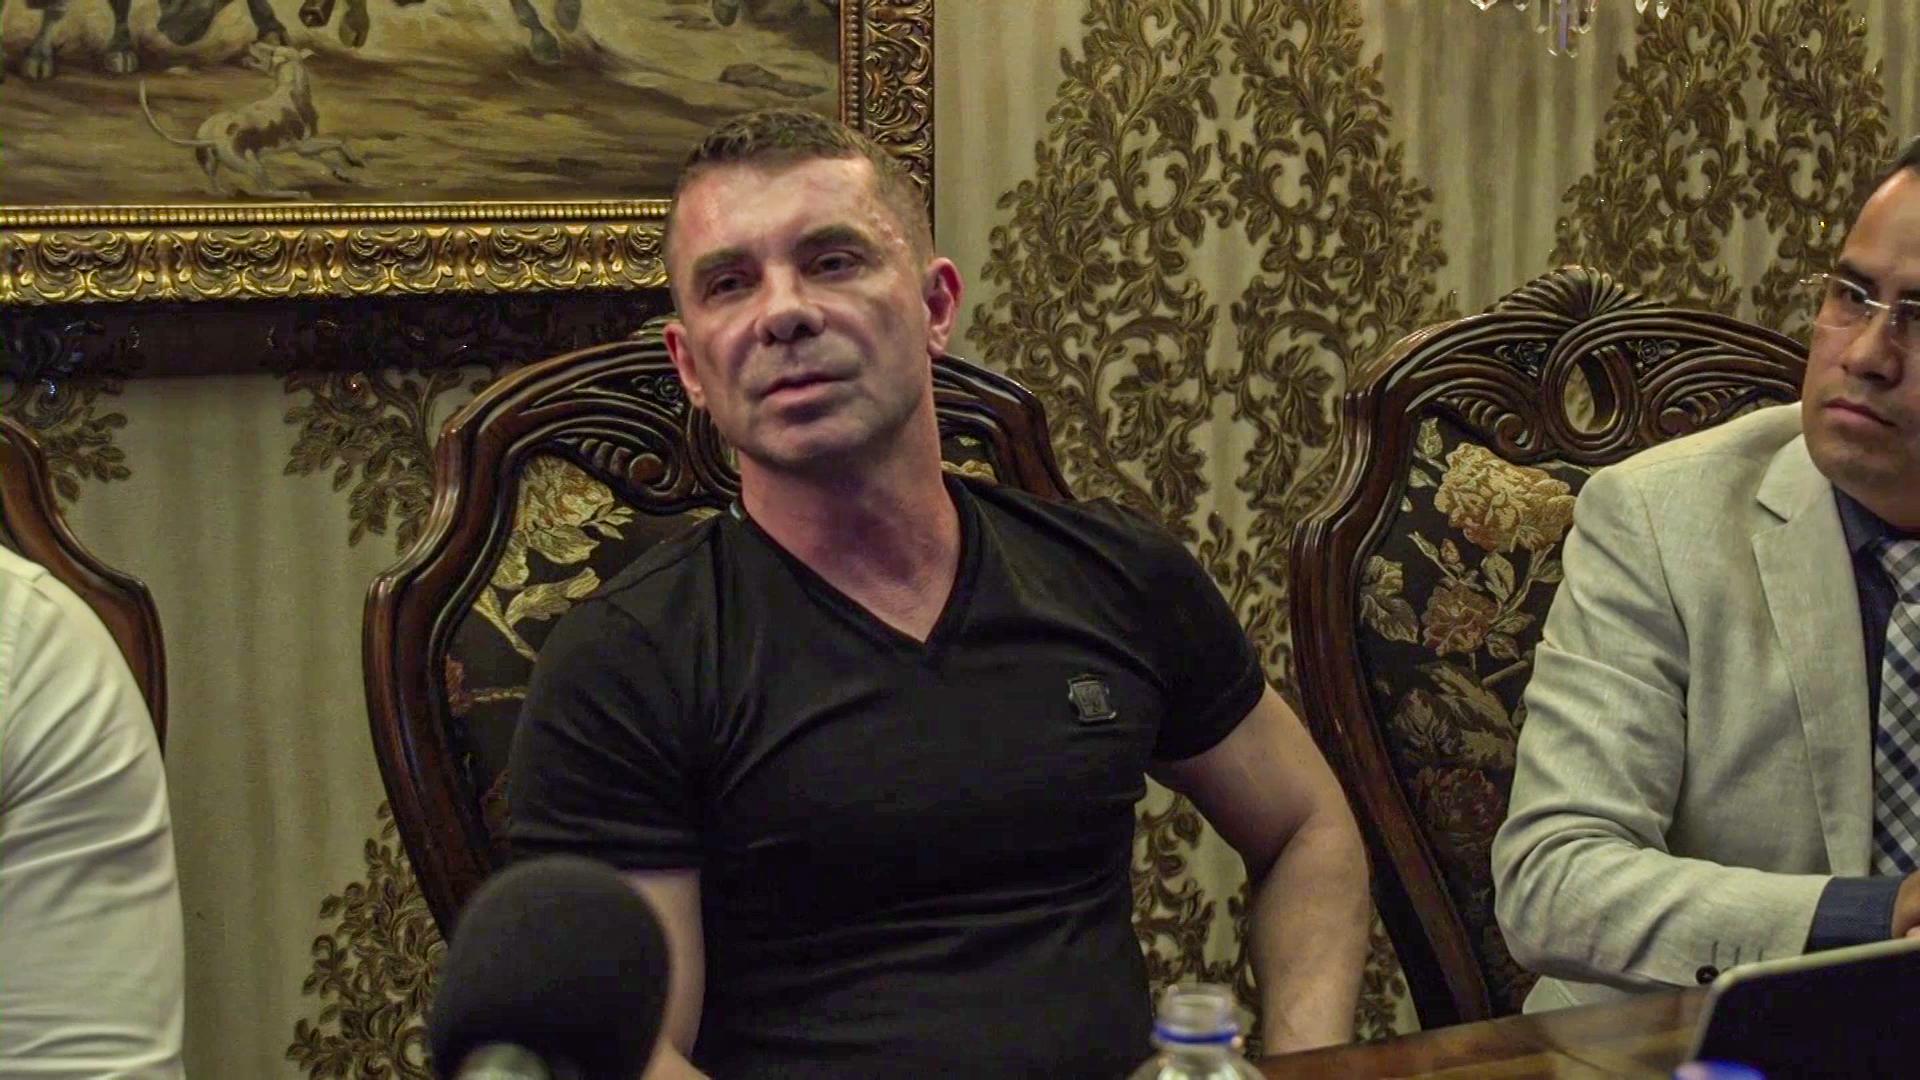 Florian Tudor press conference